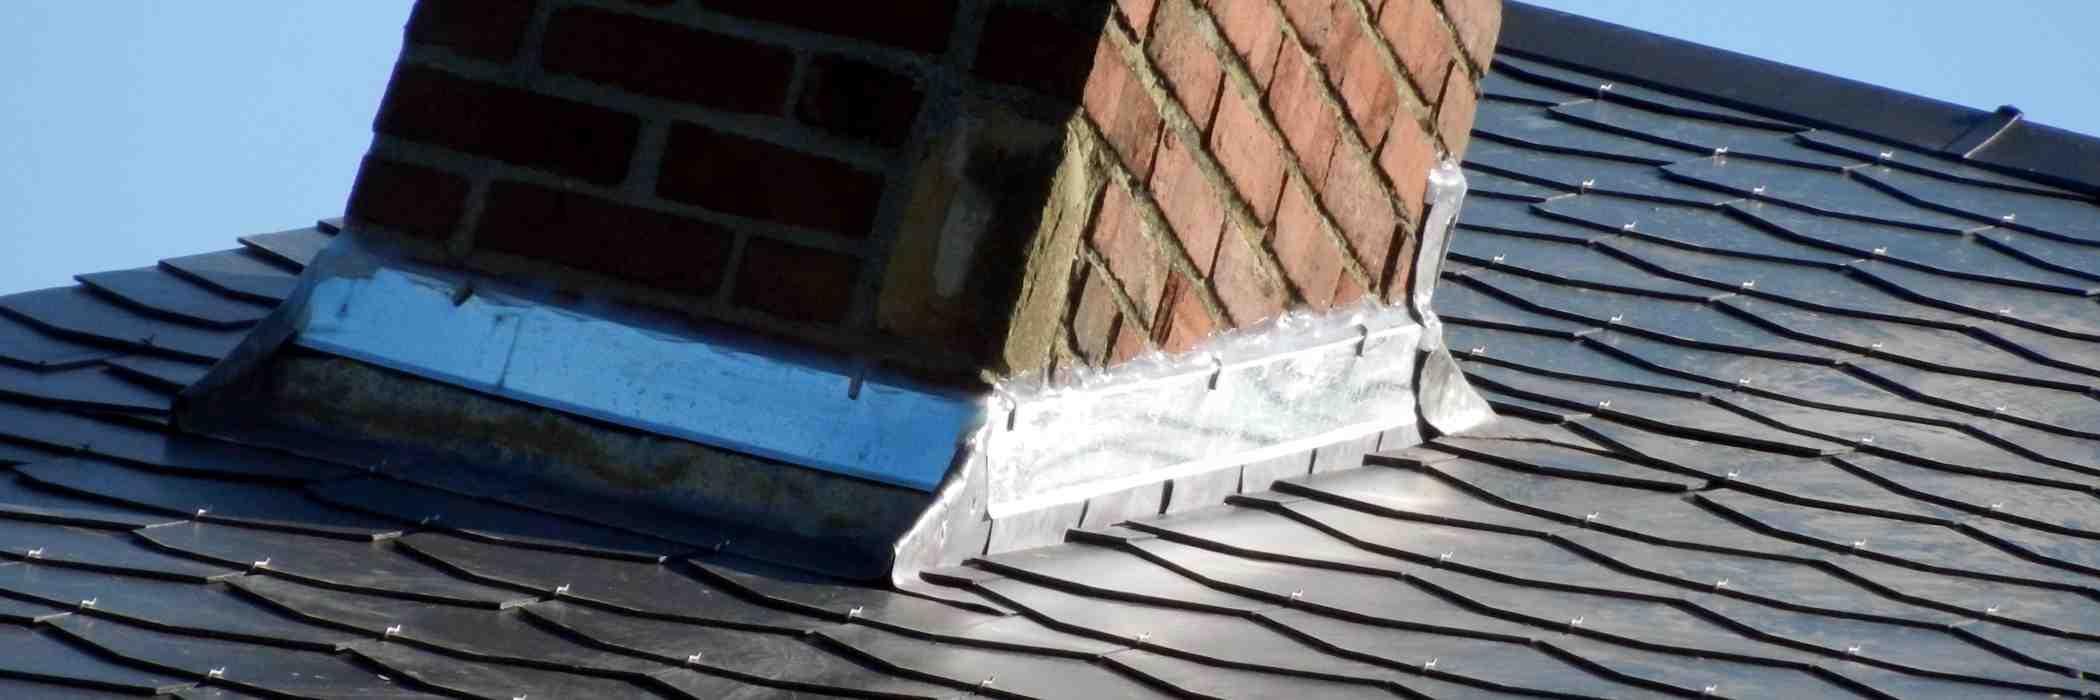 entreprise de toitures specimen 757575 devis zinguerie charpentes bardages isolation travaux. Black Bedroom Furniture Sets. Home Design Ideas